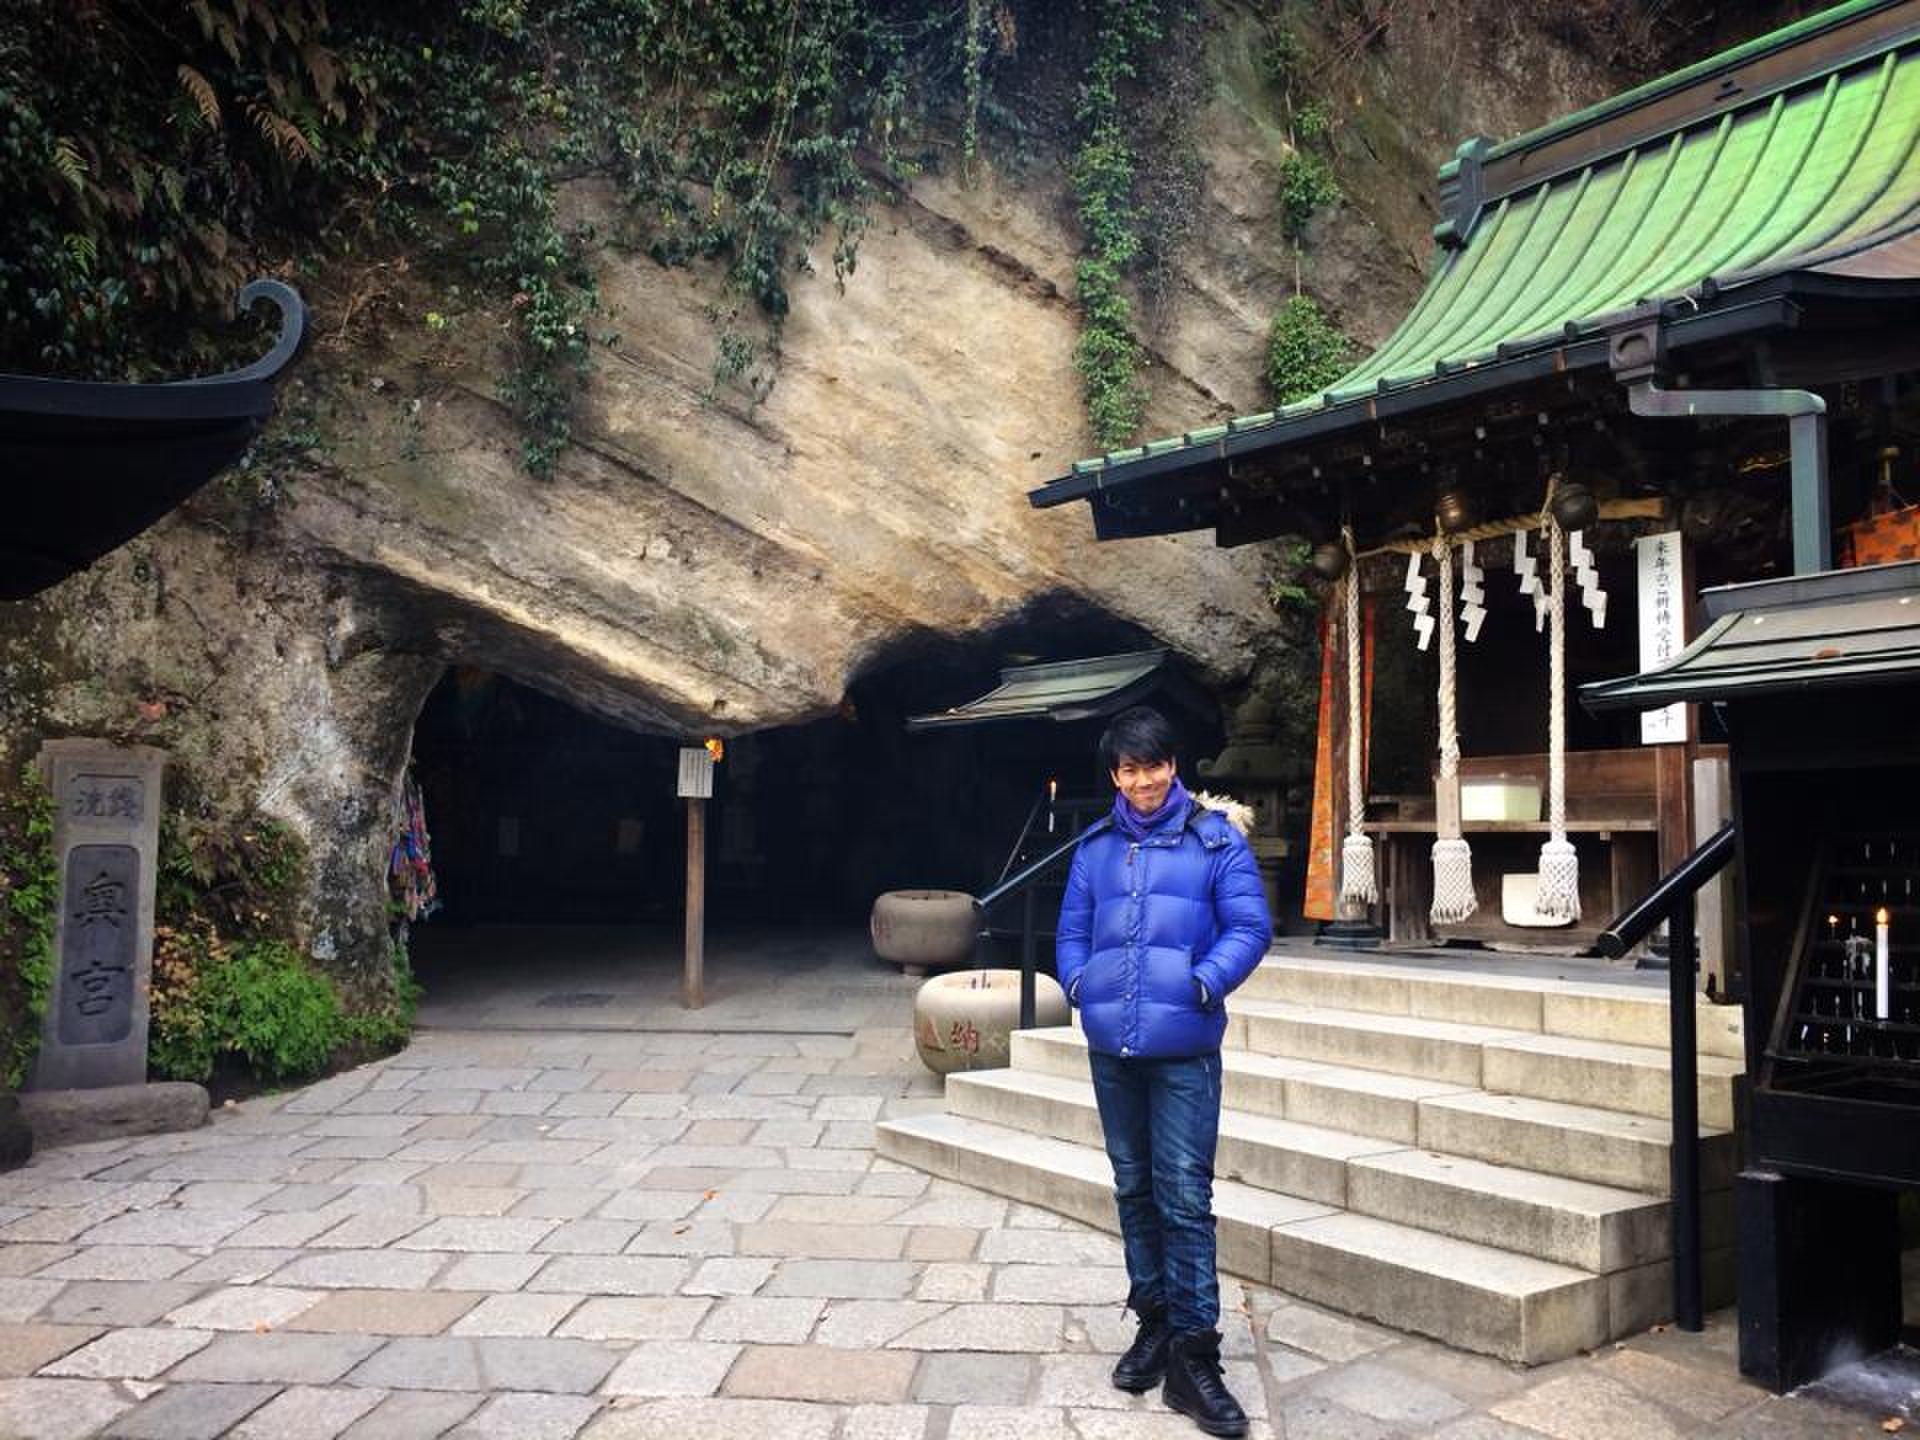 【鎌倉に来たらばぜひ立ち寄りたい】宇賀福神社銭洗弁天&最強の肉まん屋